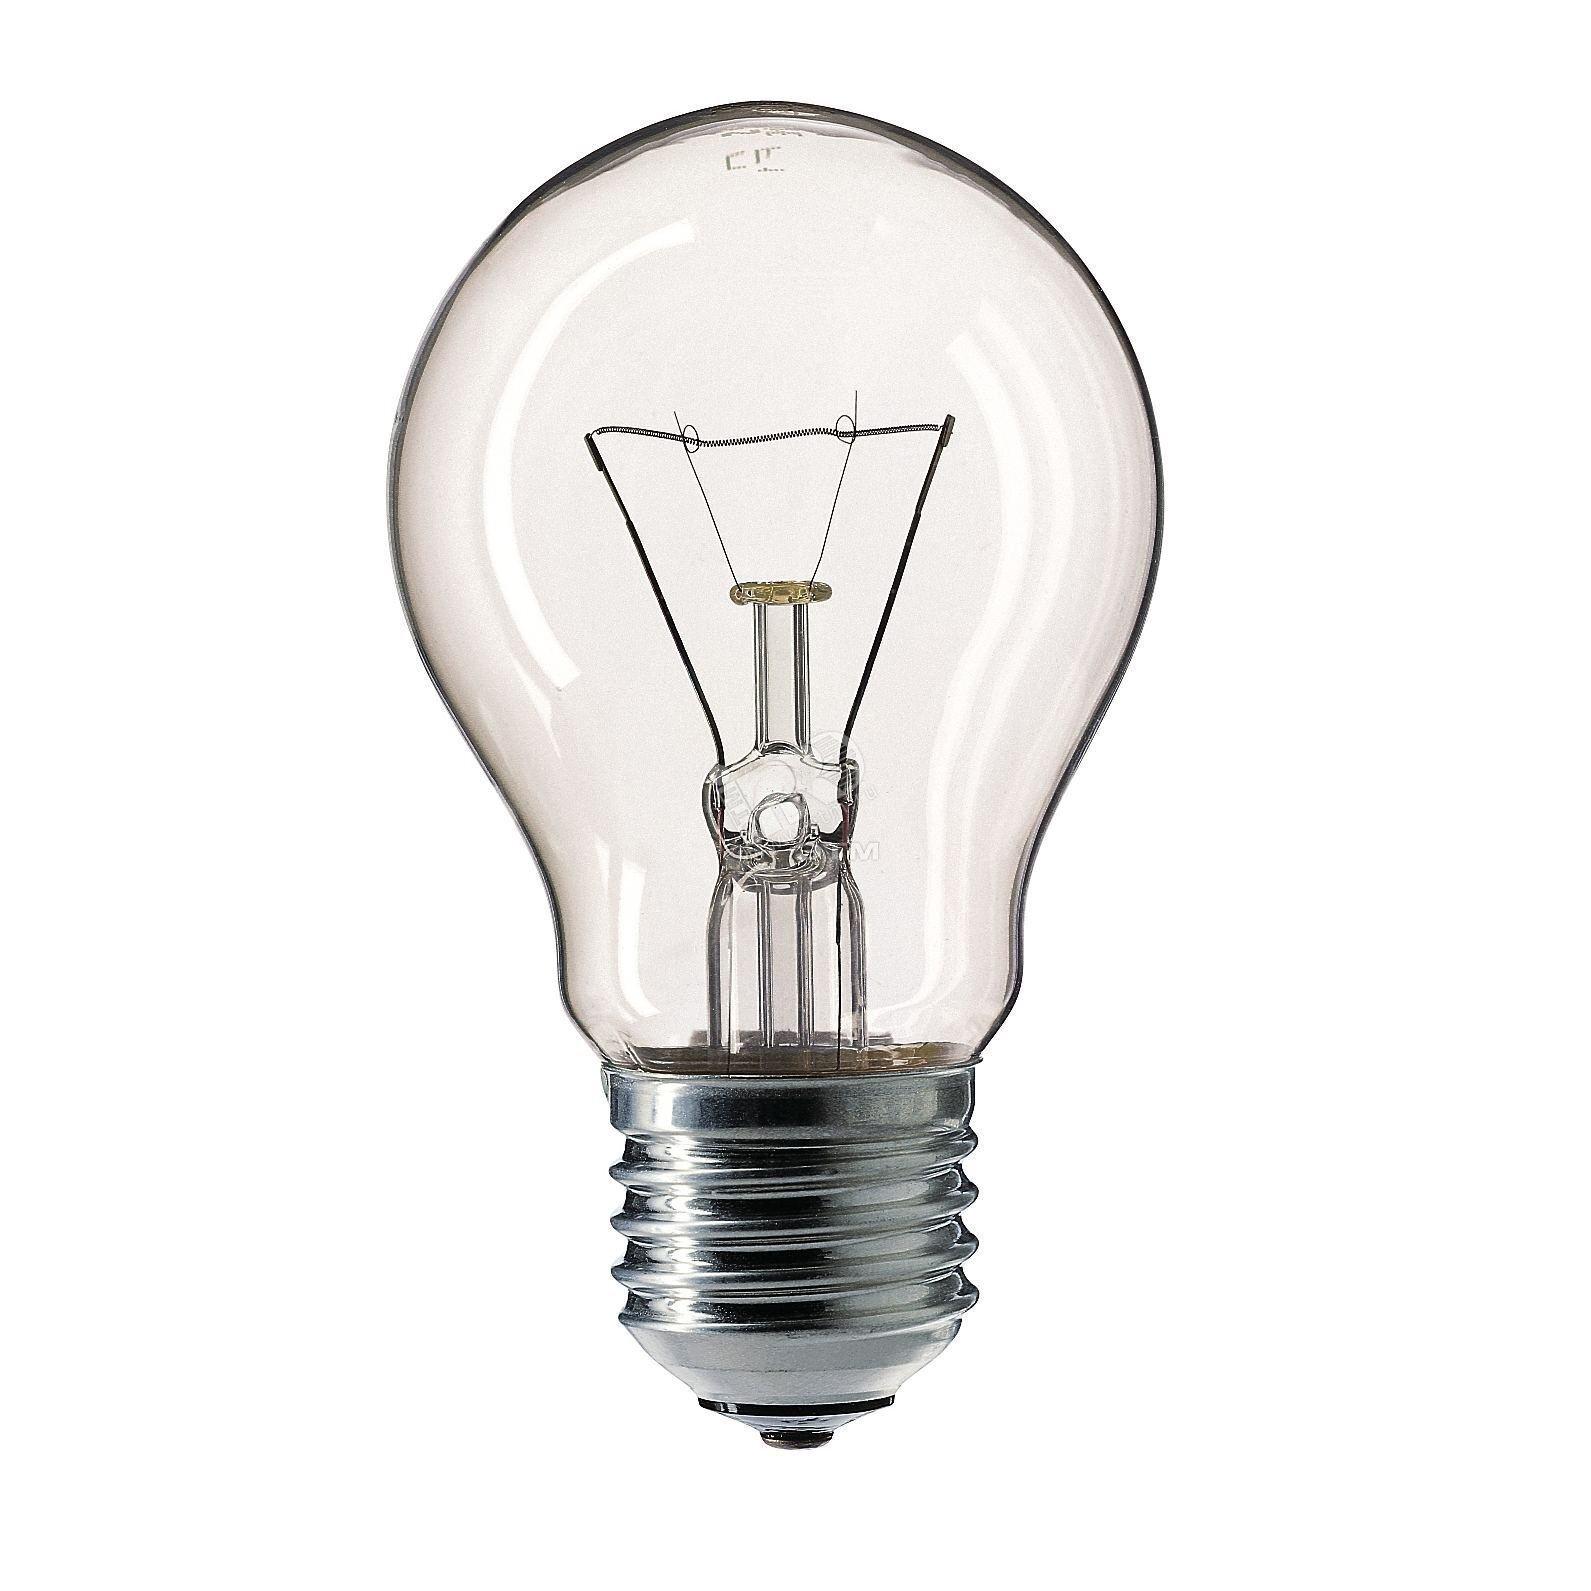 Пульсации осветительных приборов (моргающий свет) - фото pic_9db913f042b8bc90b855c27b23dcc6af_1920x9000_1.jpg